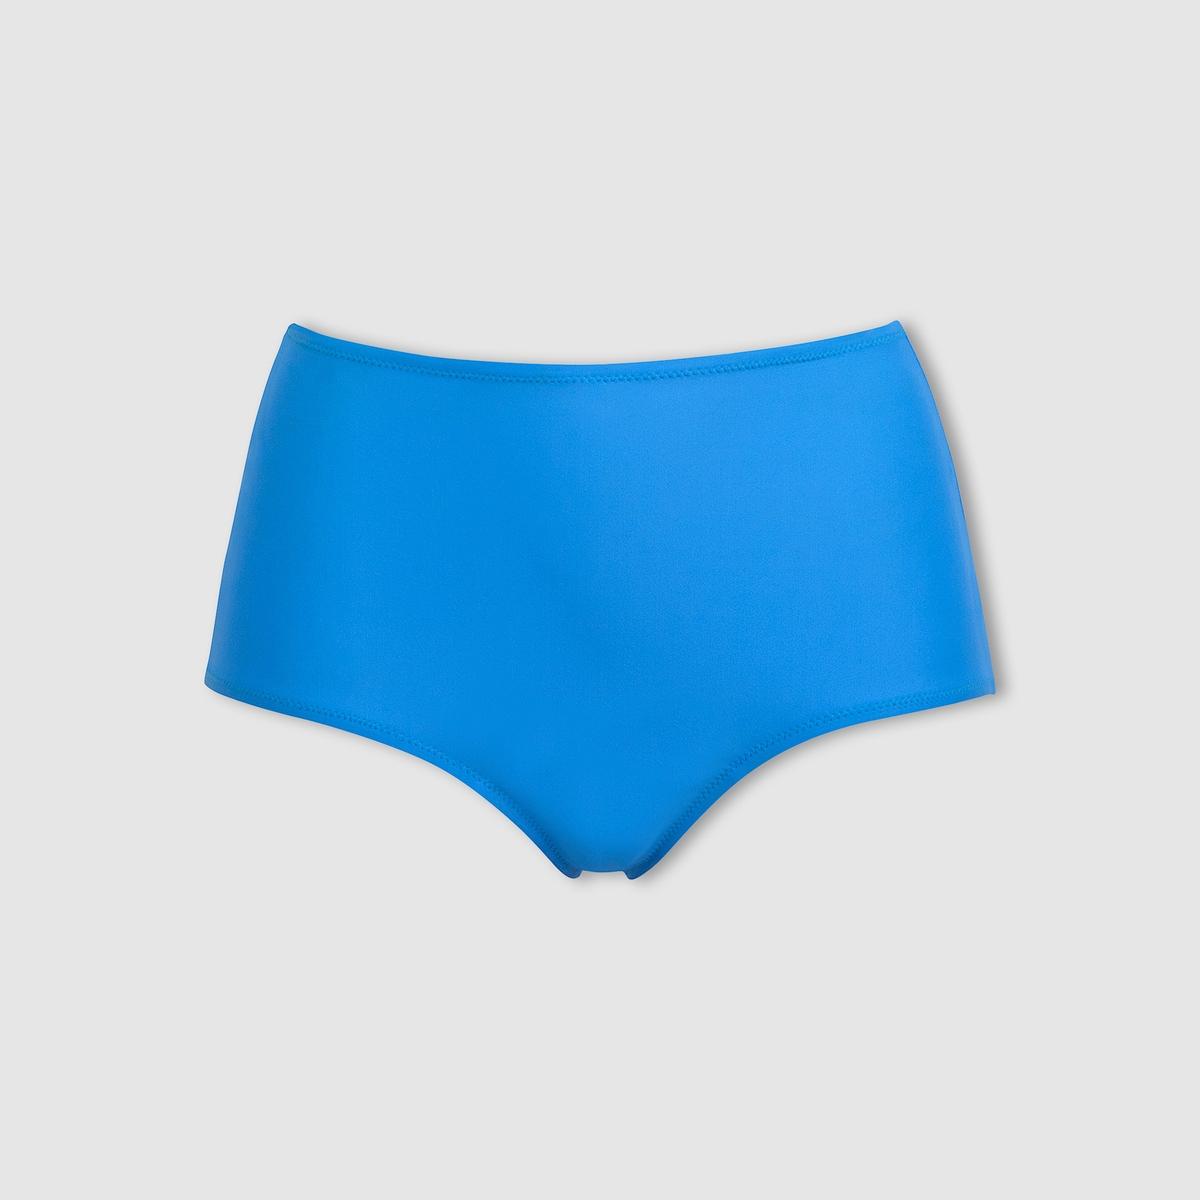 Трусы-плавки от купальника высокие, однотонные